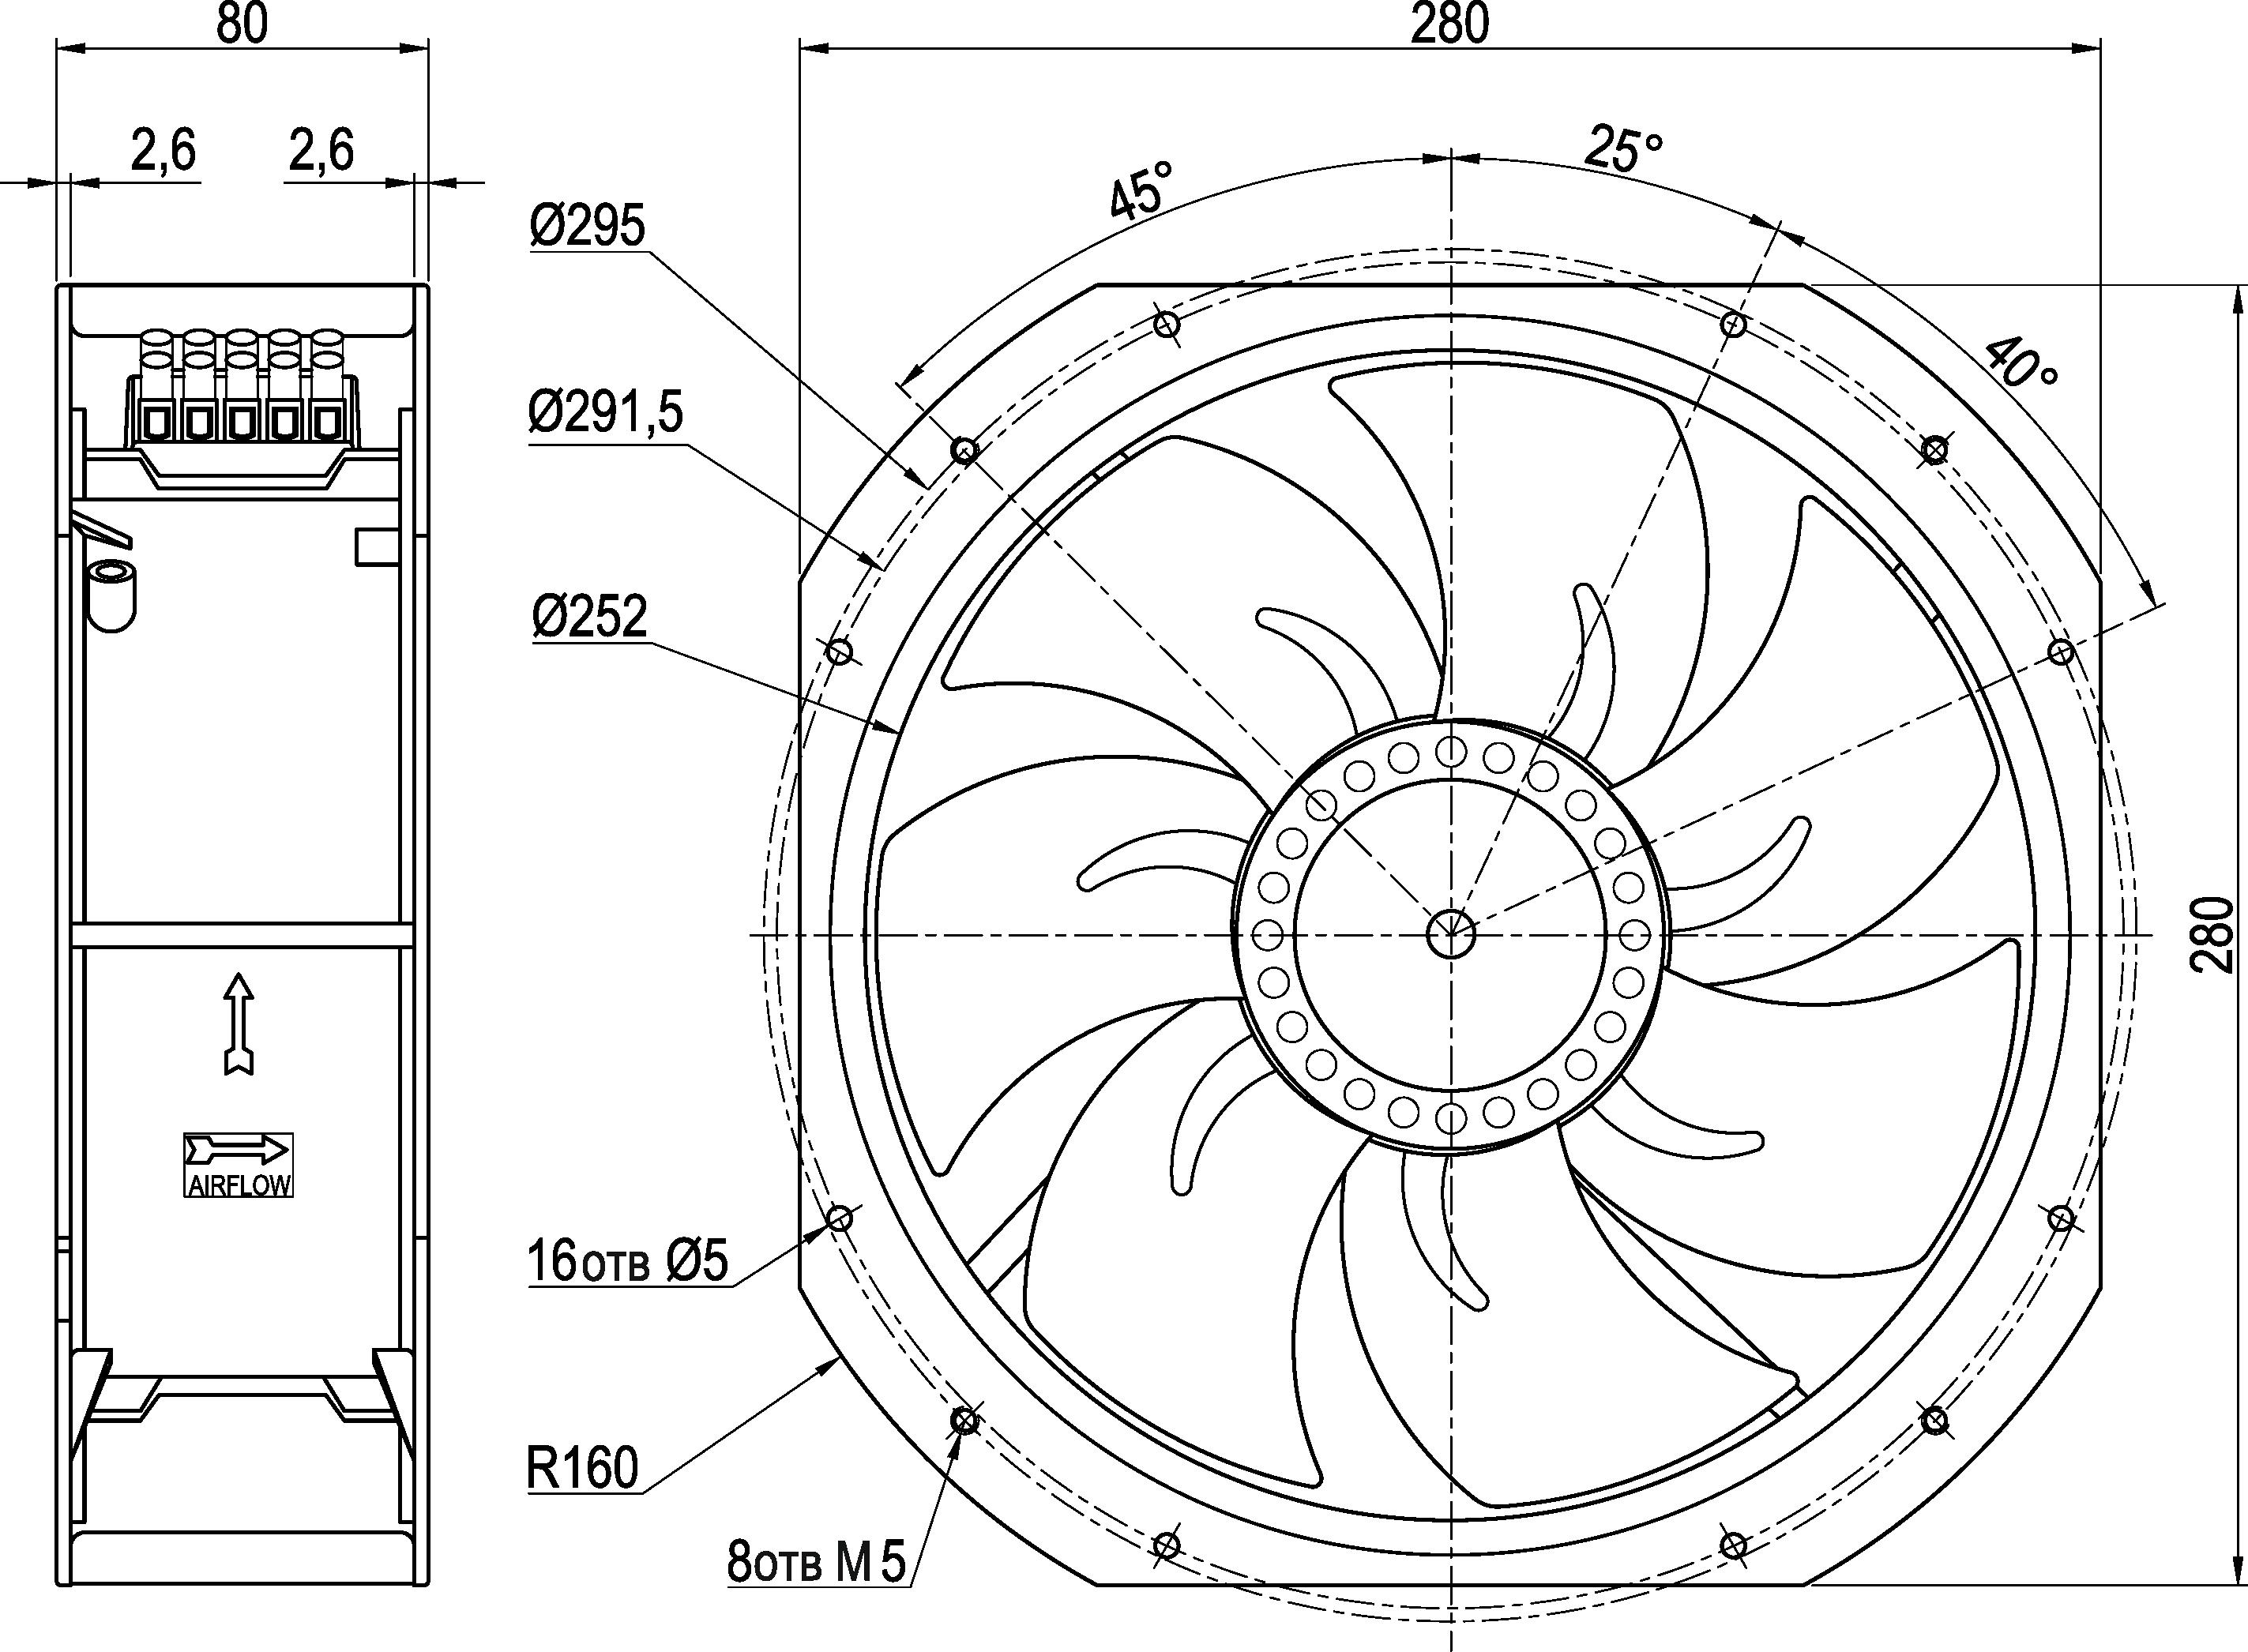 VENT-28080.24VDC.7MRHB